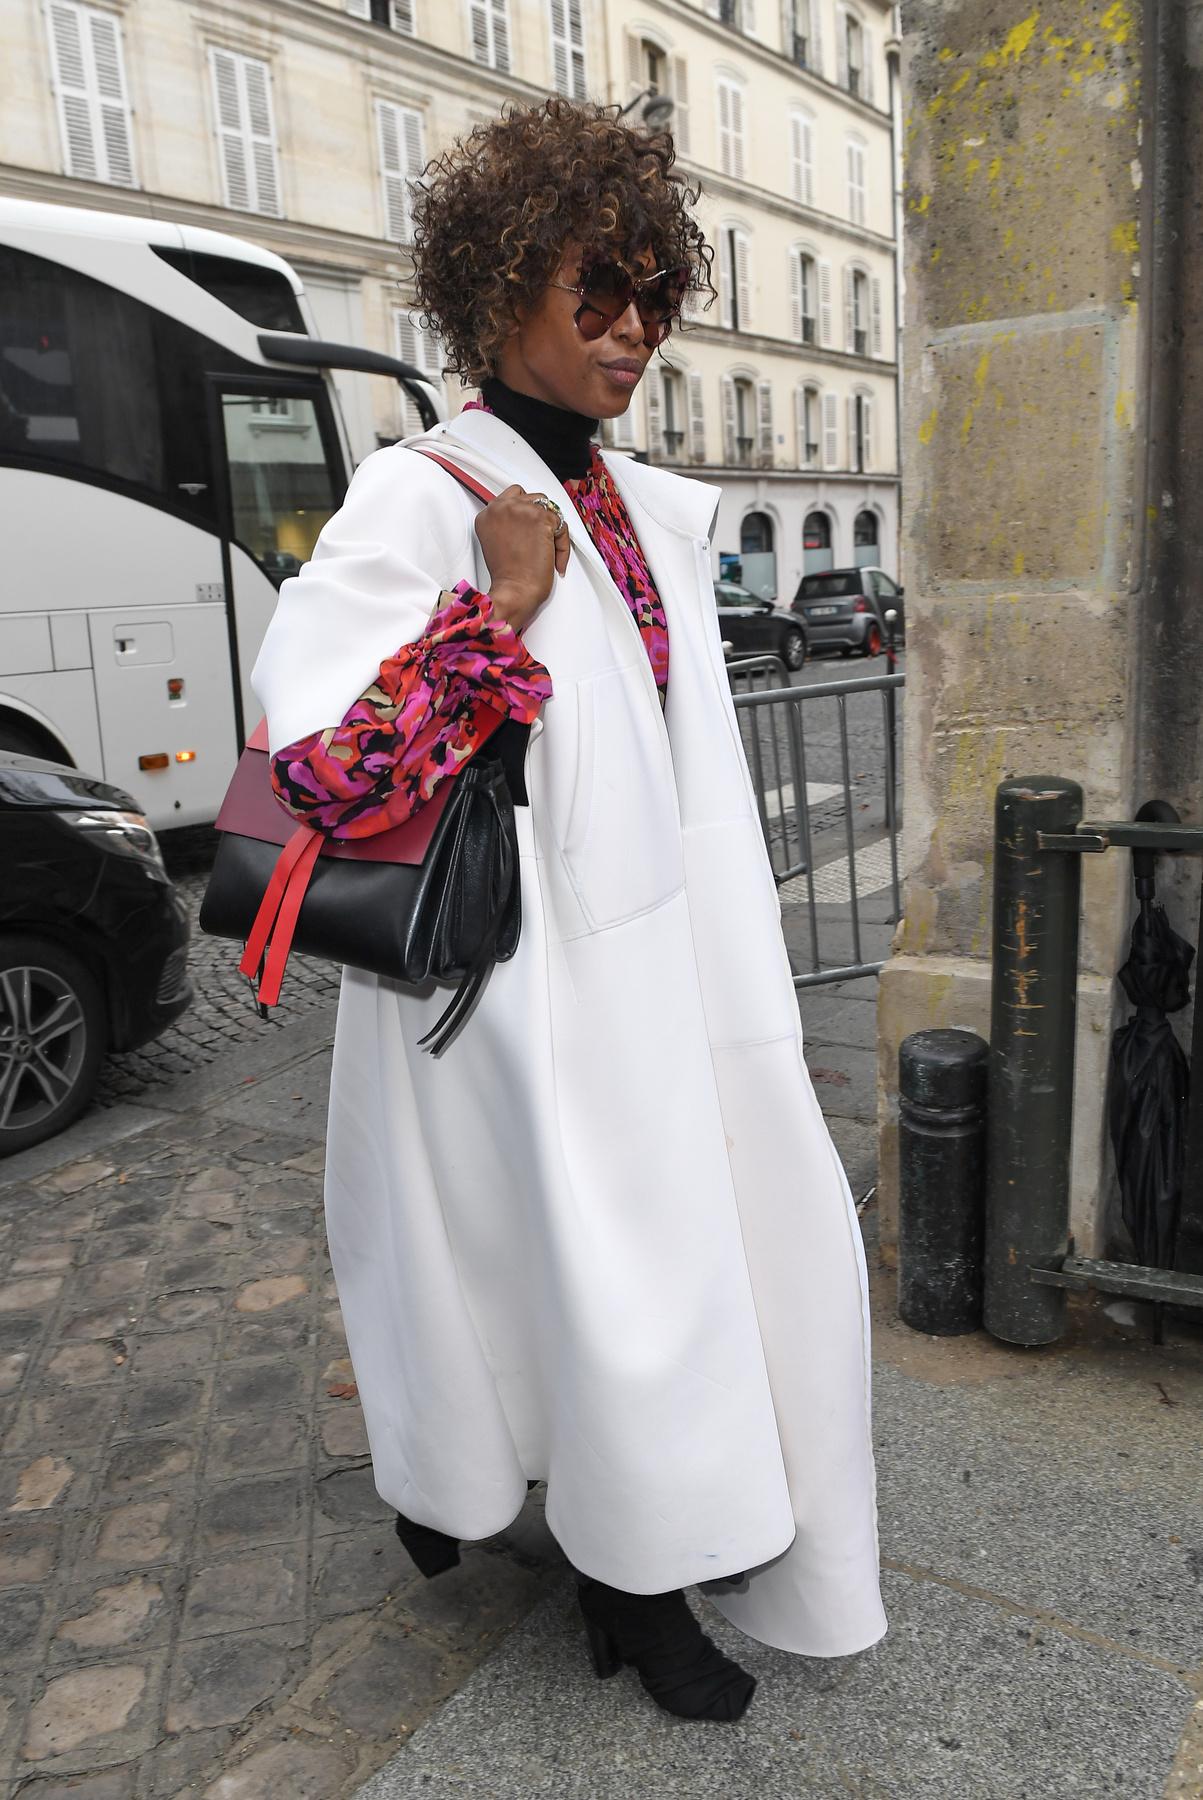 Camila Coelho egyébként a Balmain bemutatóján vett részt ebben a ruhában.